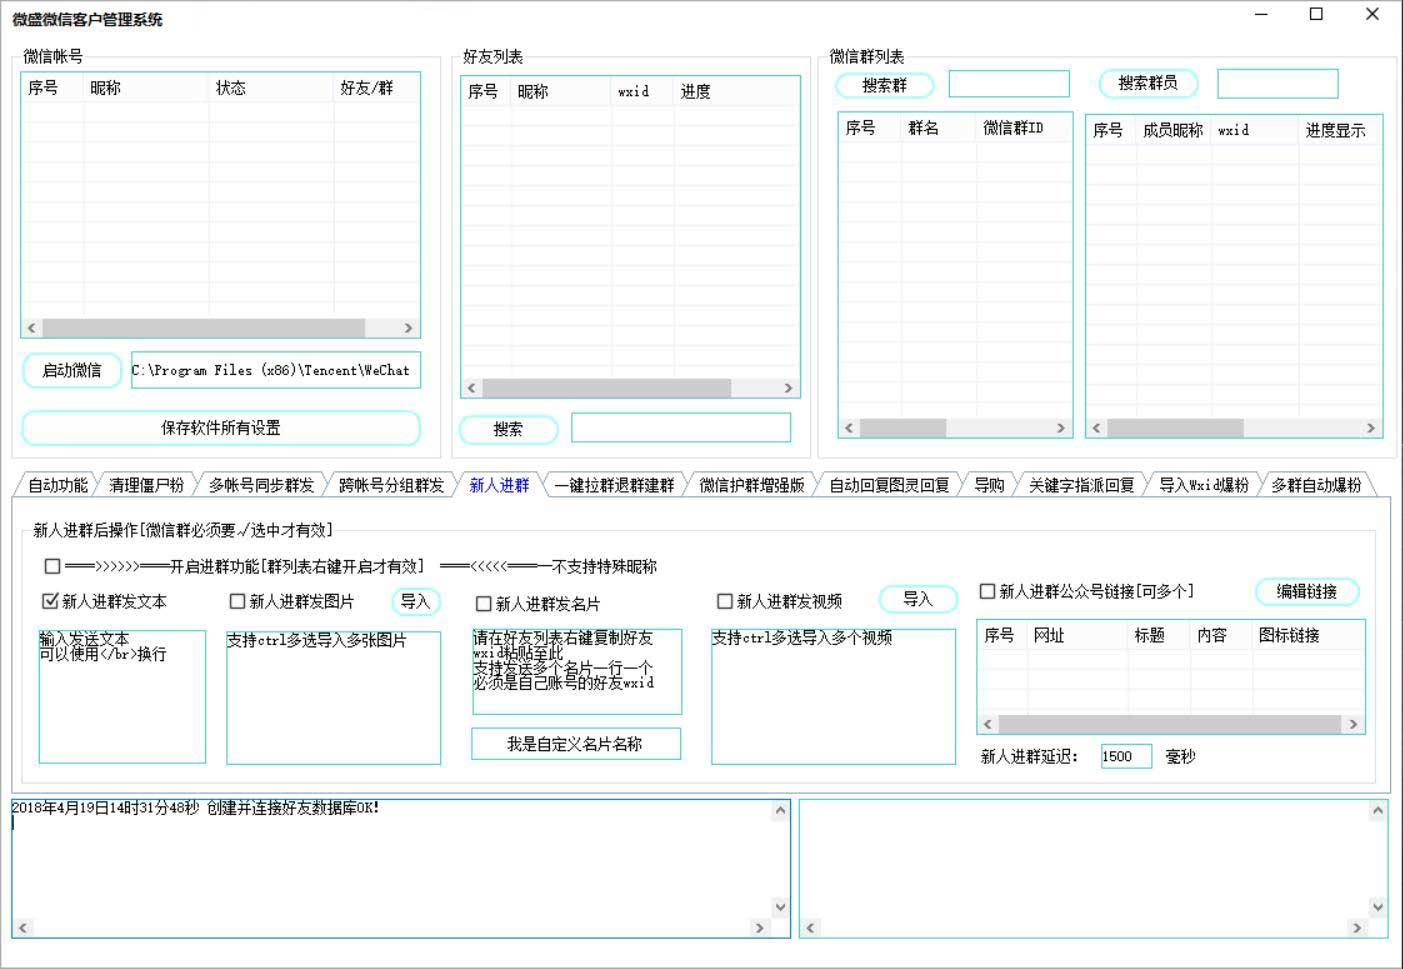 微盛微信客户管理系统 微信自动回复